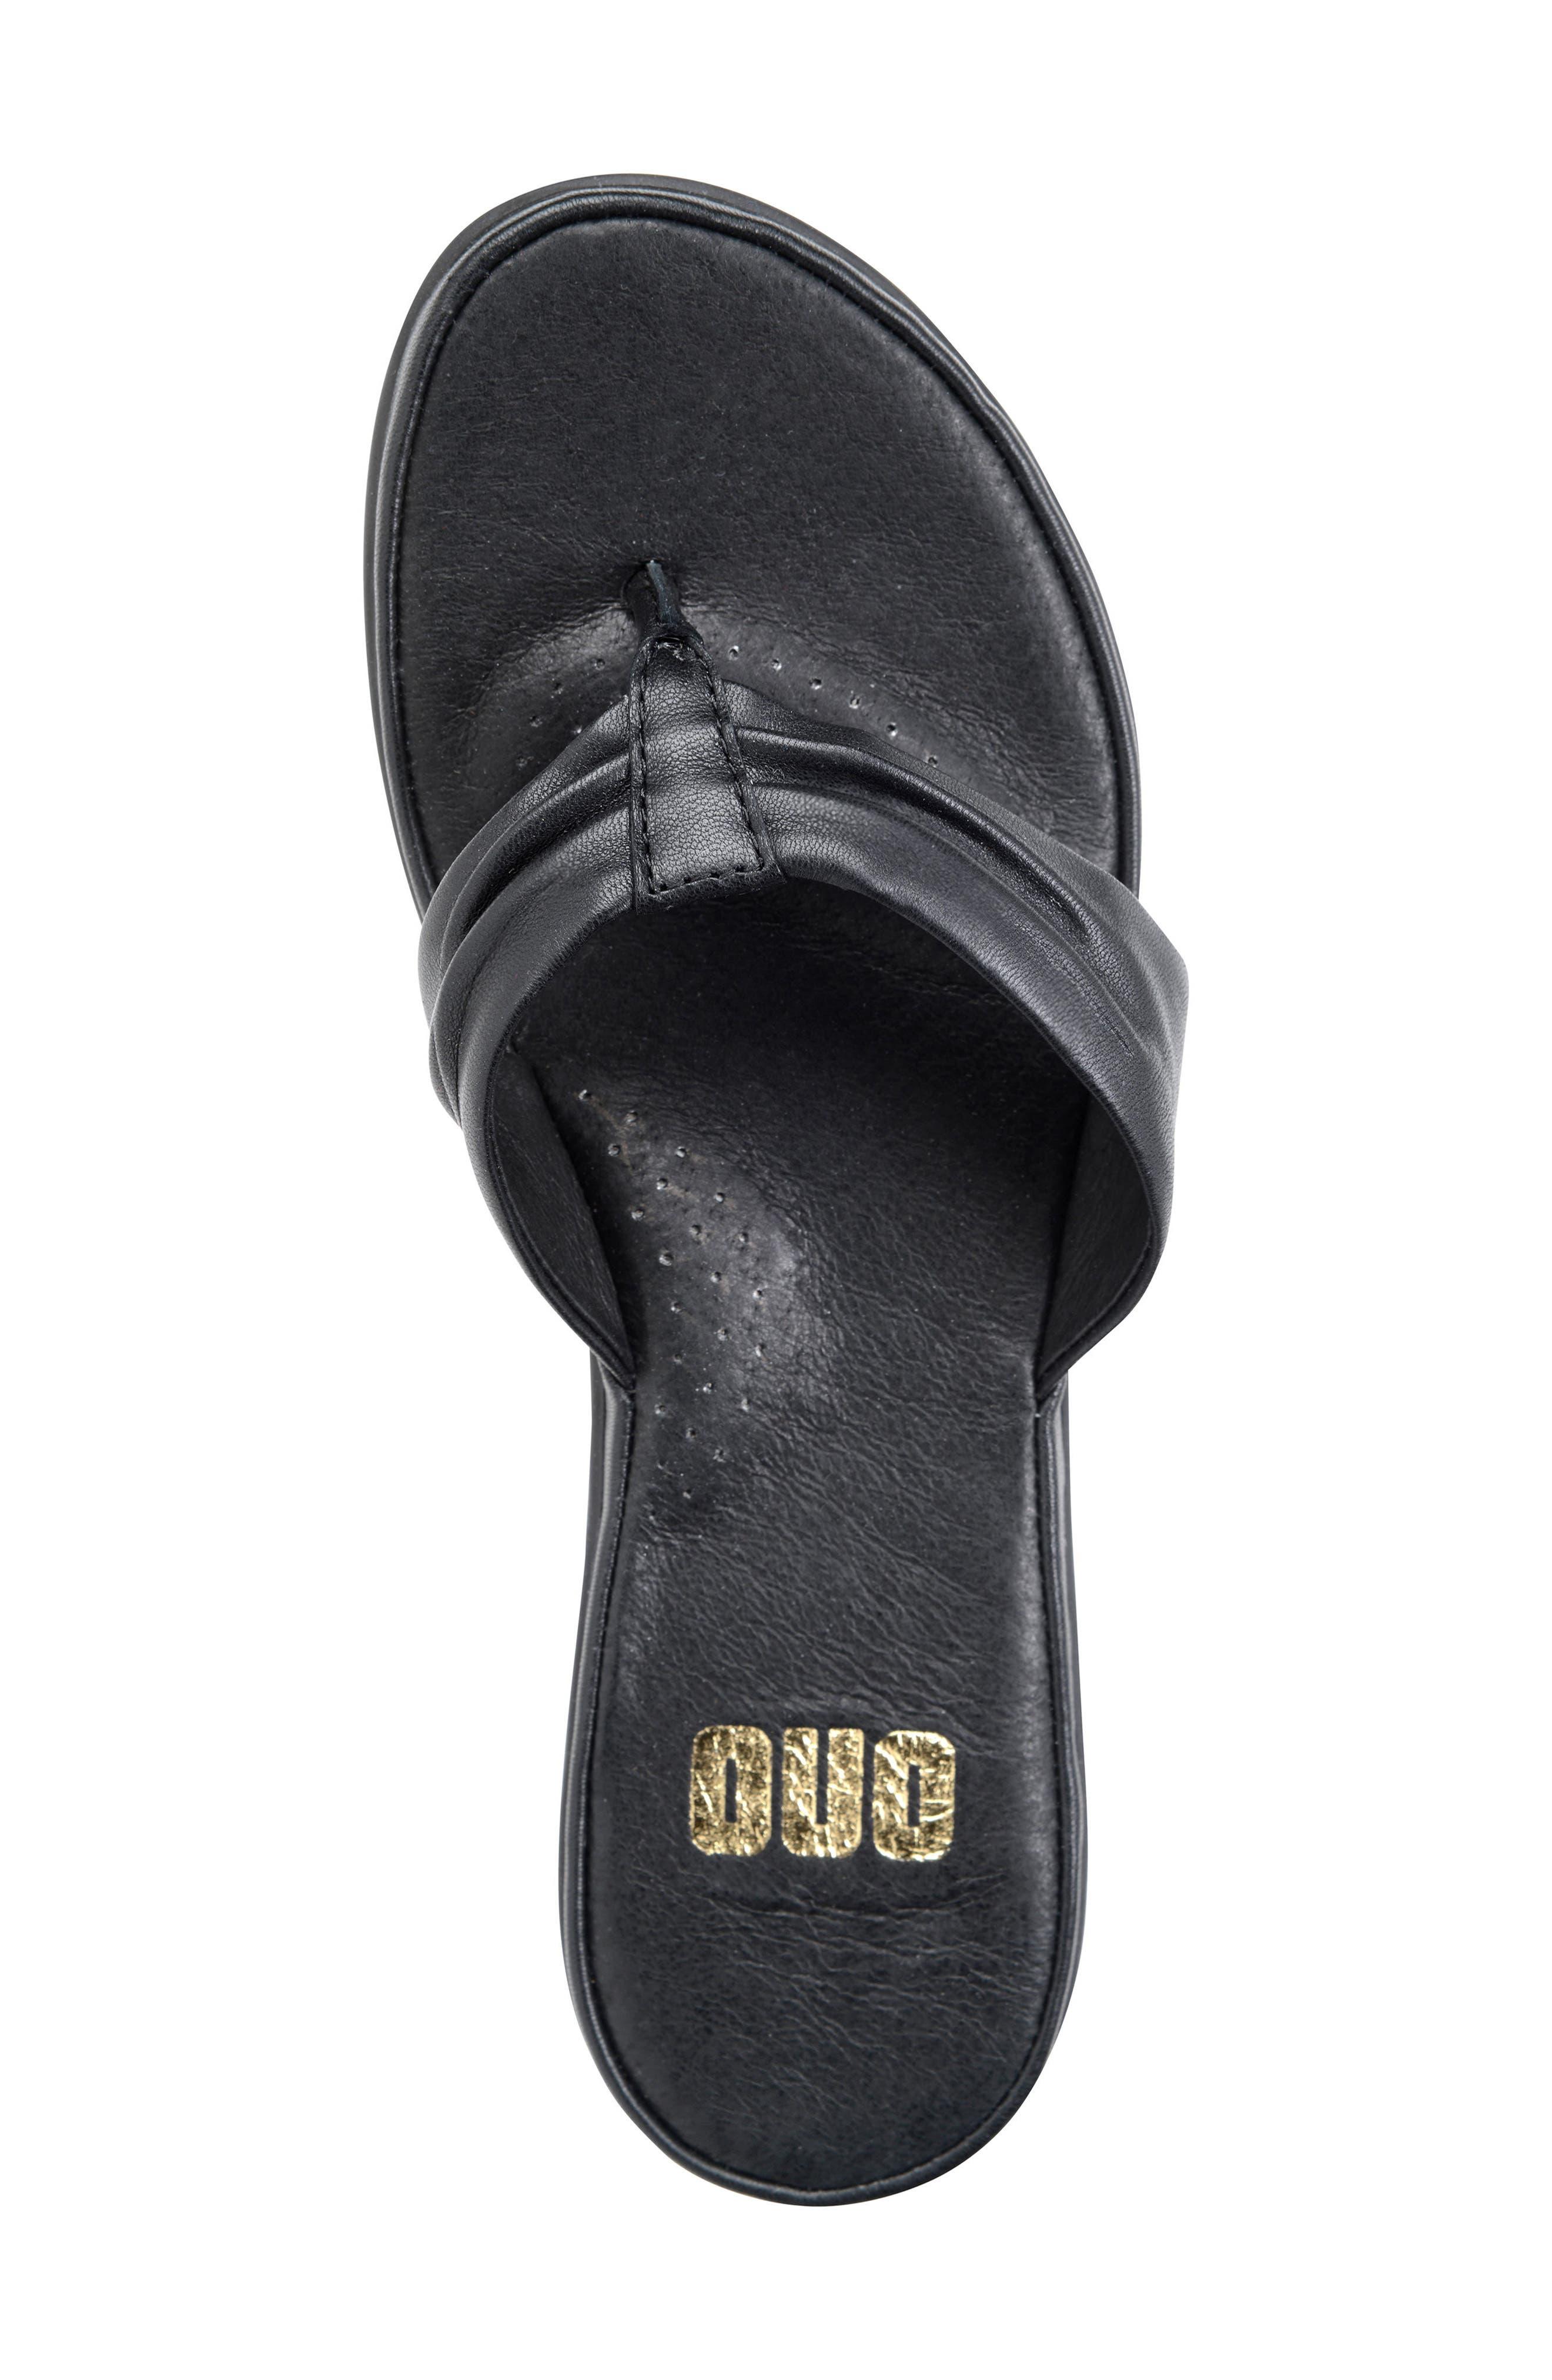 Liv Flip Flop,                             Alternate thumbnail 3, color,                             Black Leather